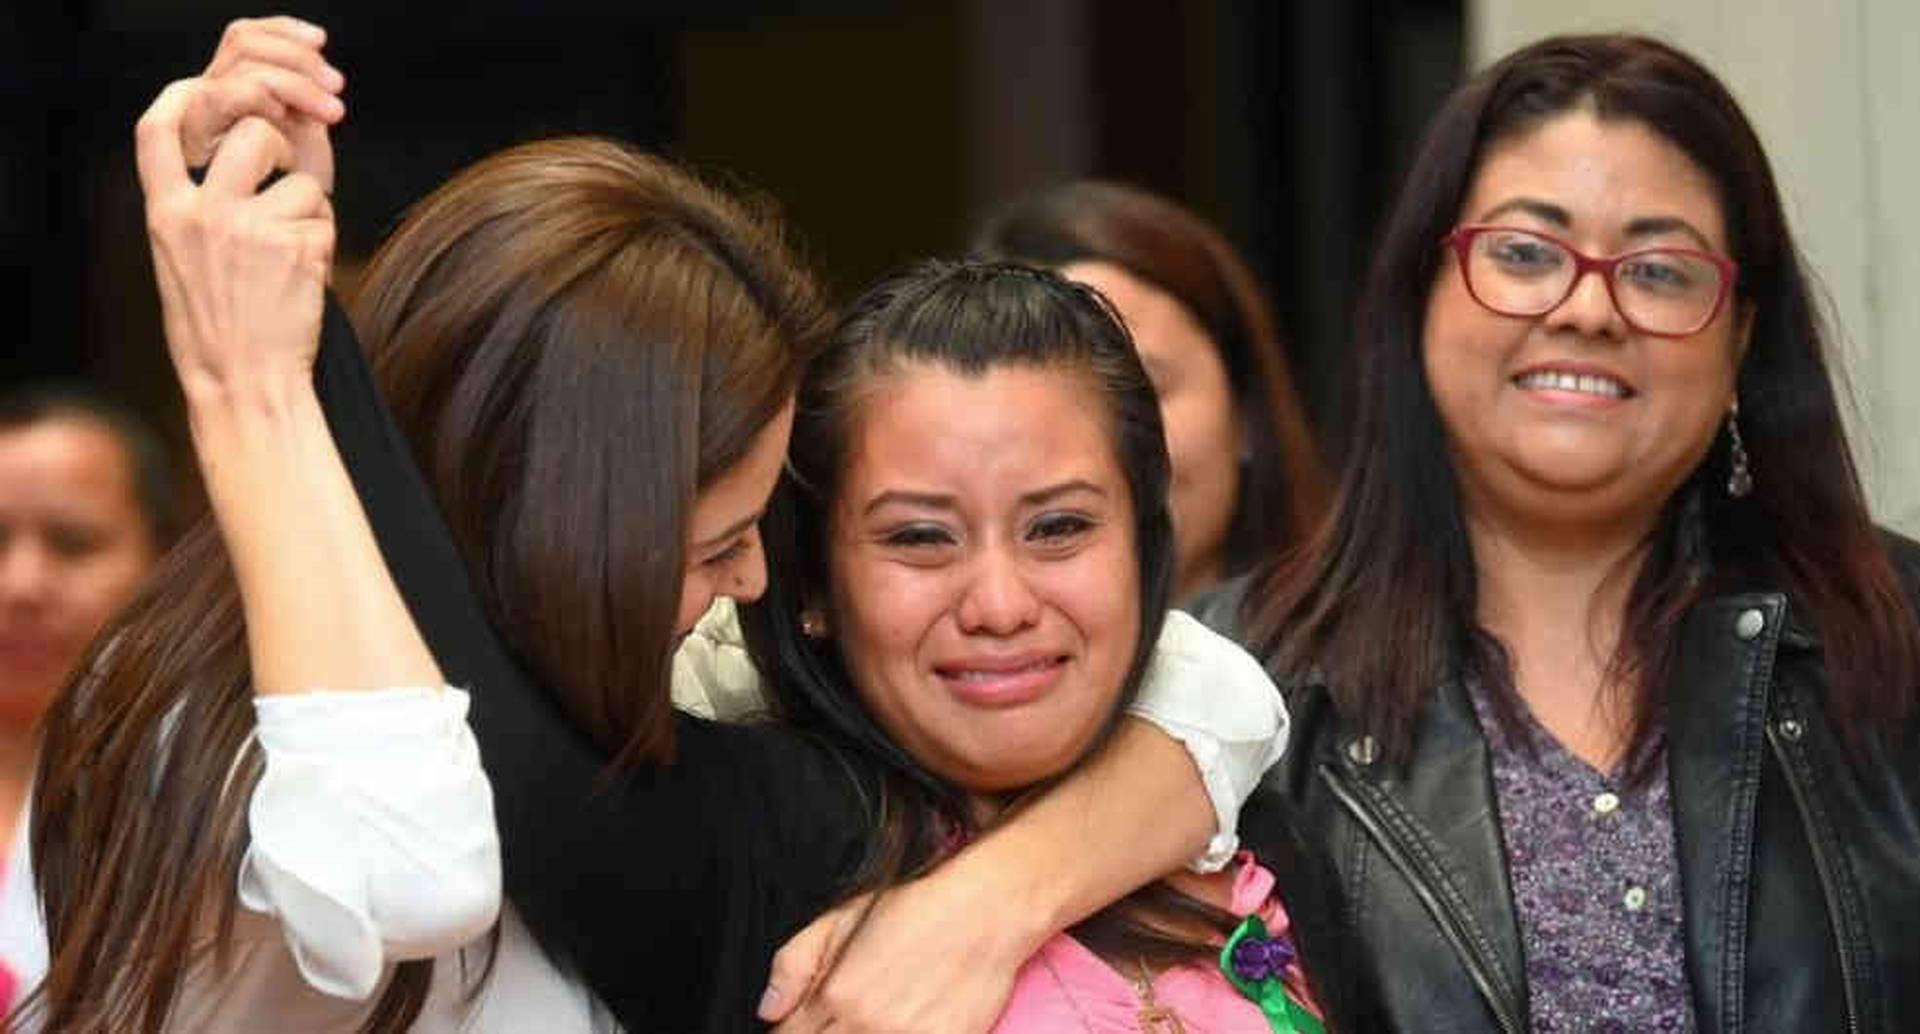 """""""Gracias a Dios se hizo justicia"""", declaró una emocionada Evelyn Hernández tras conocer el veredicto de absolución. Foto: Getty Images/BBC"""